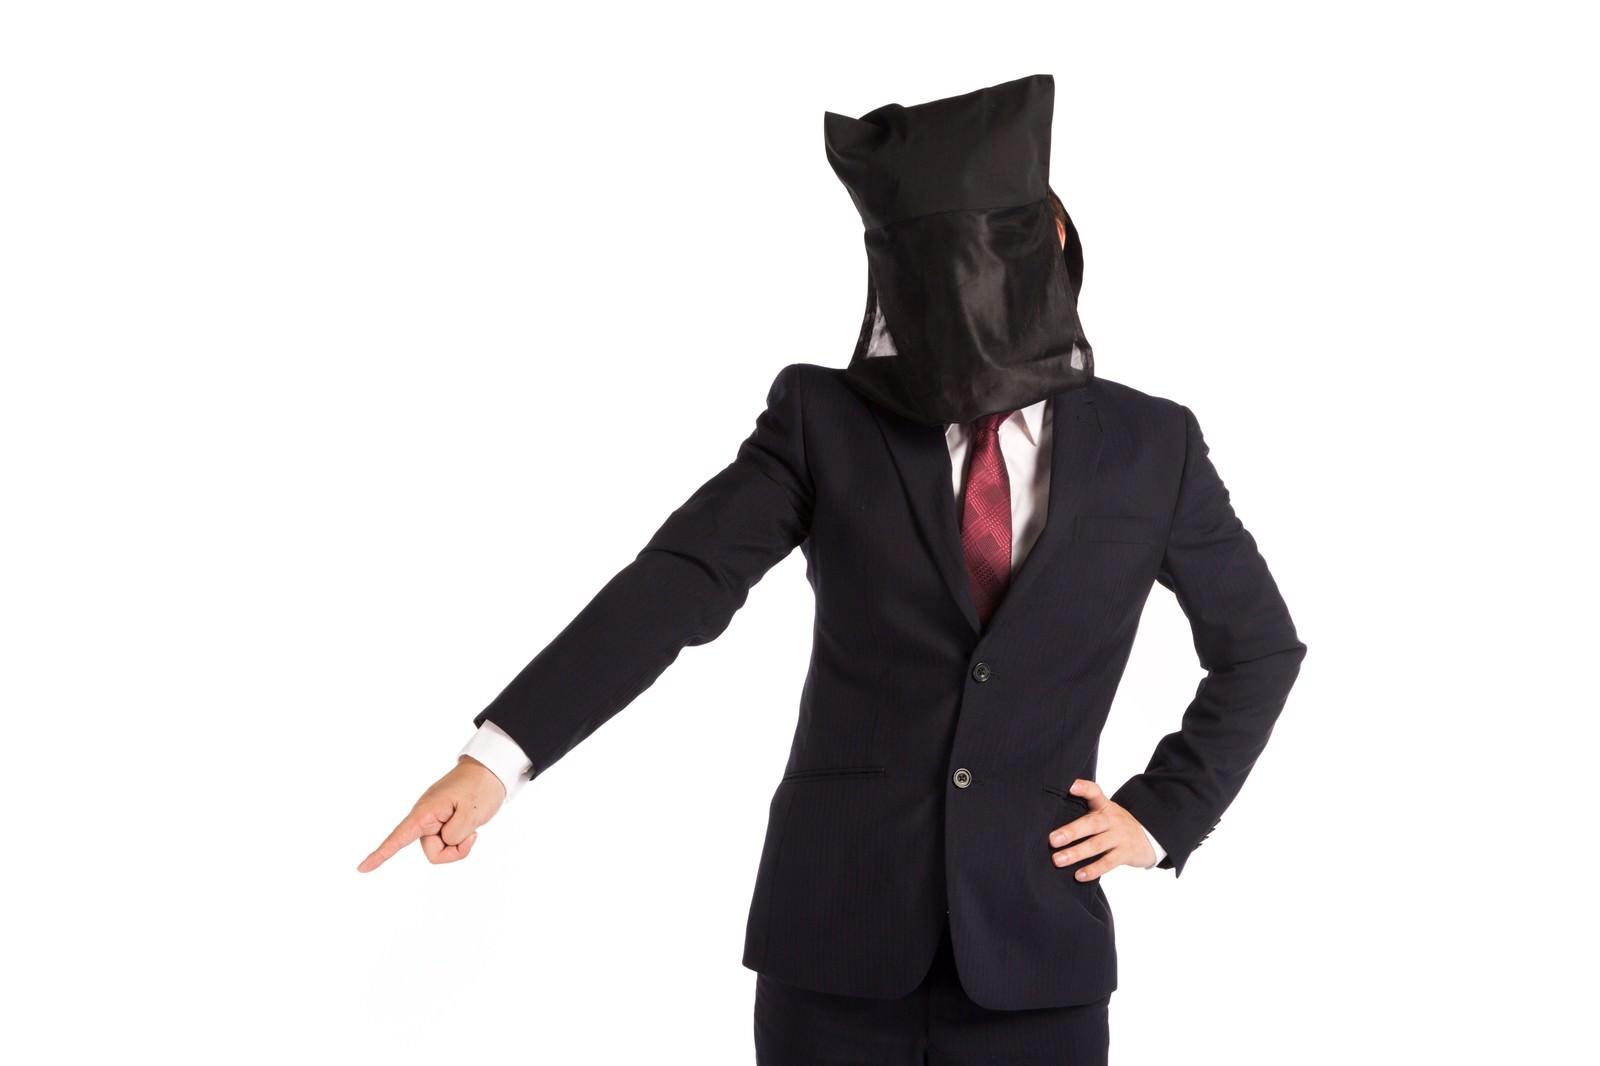 「命令口調の黒子上司」の写真[モデル:鈴木秀]